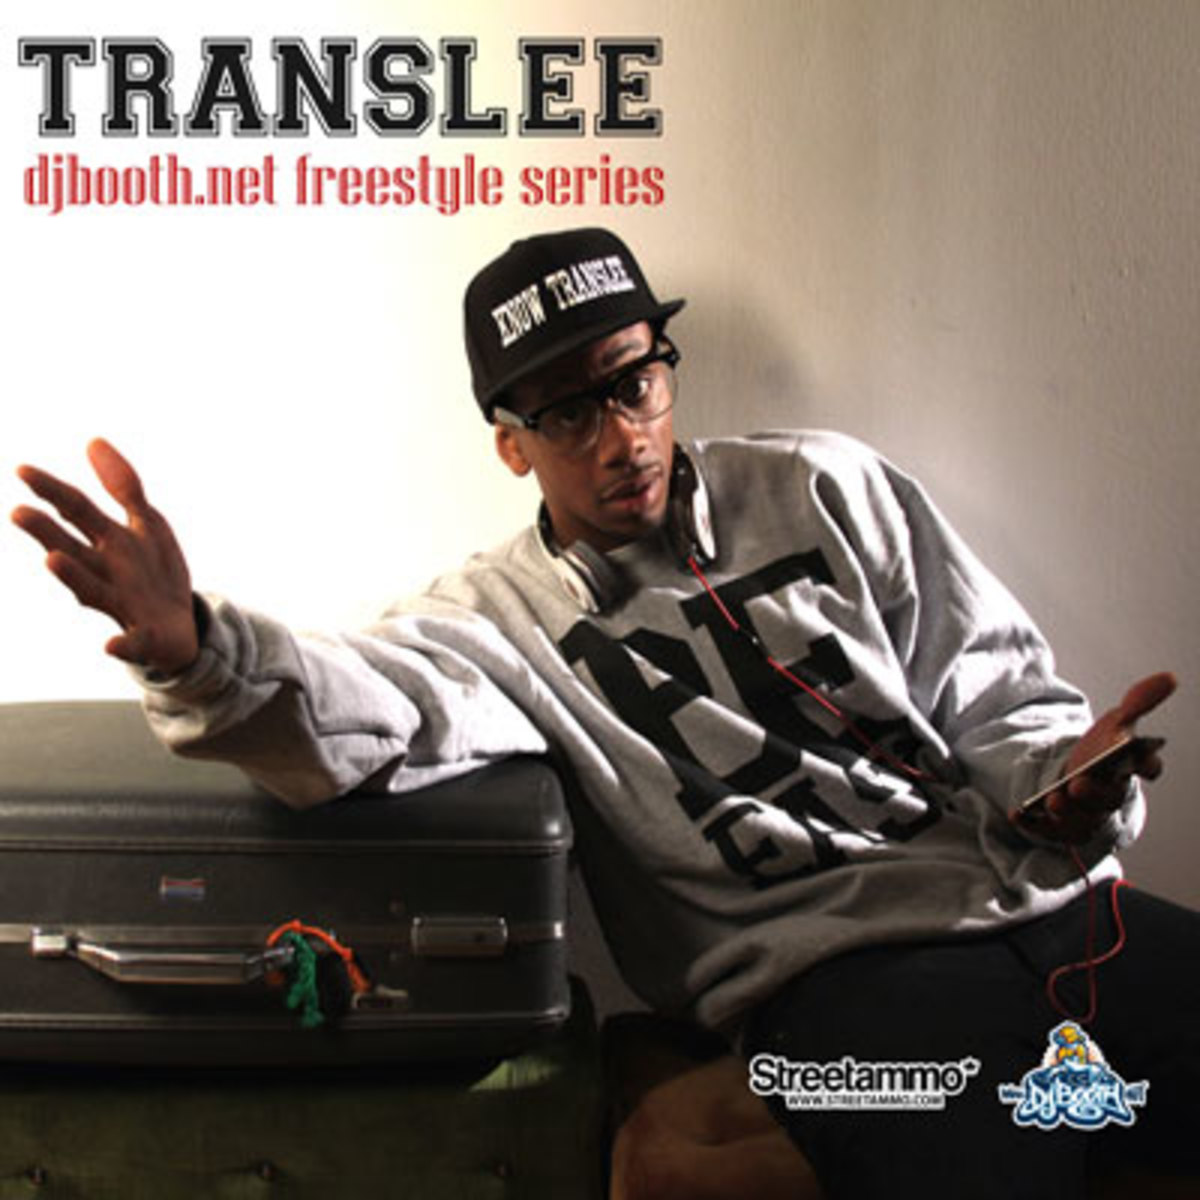 translee-free.jpg